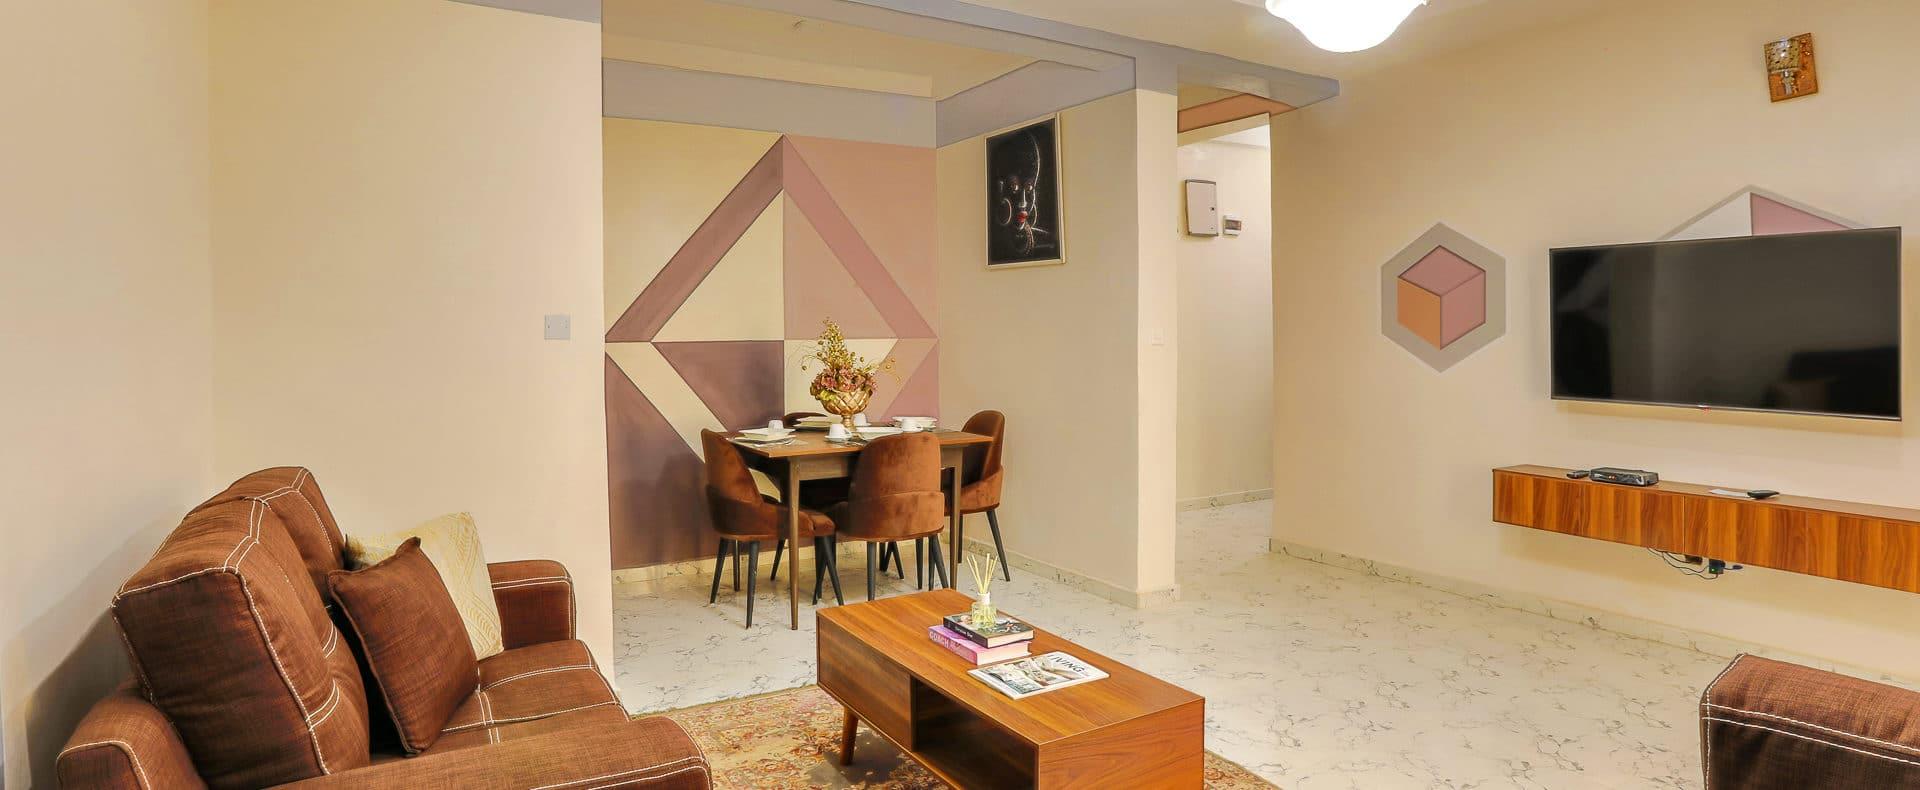 Boho 3br Apartment By Utobert At Life Camp